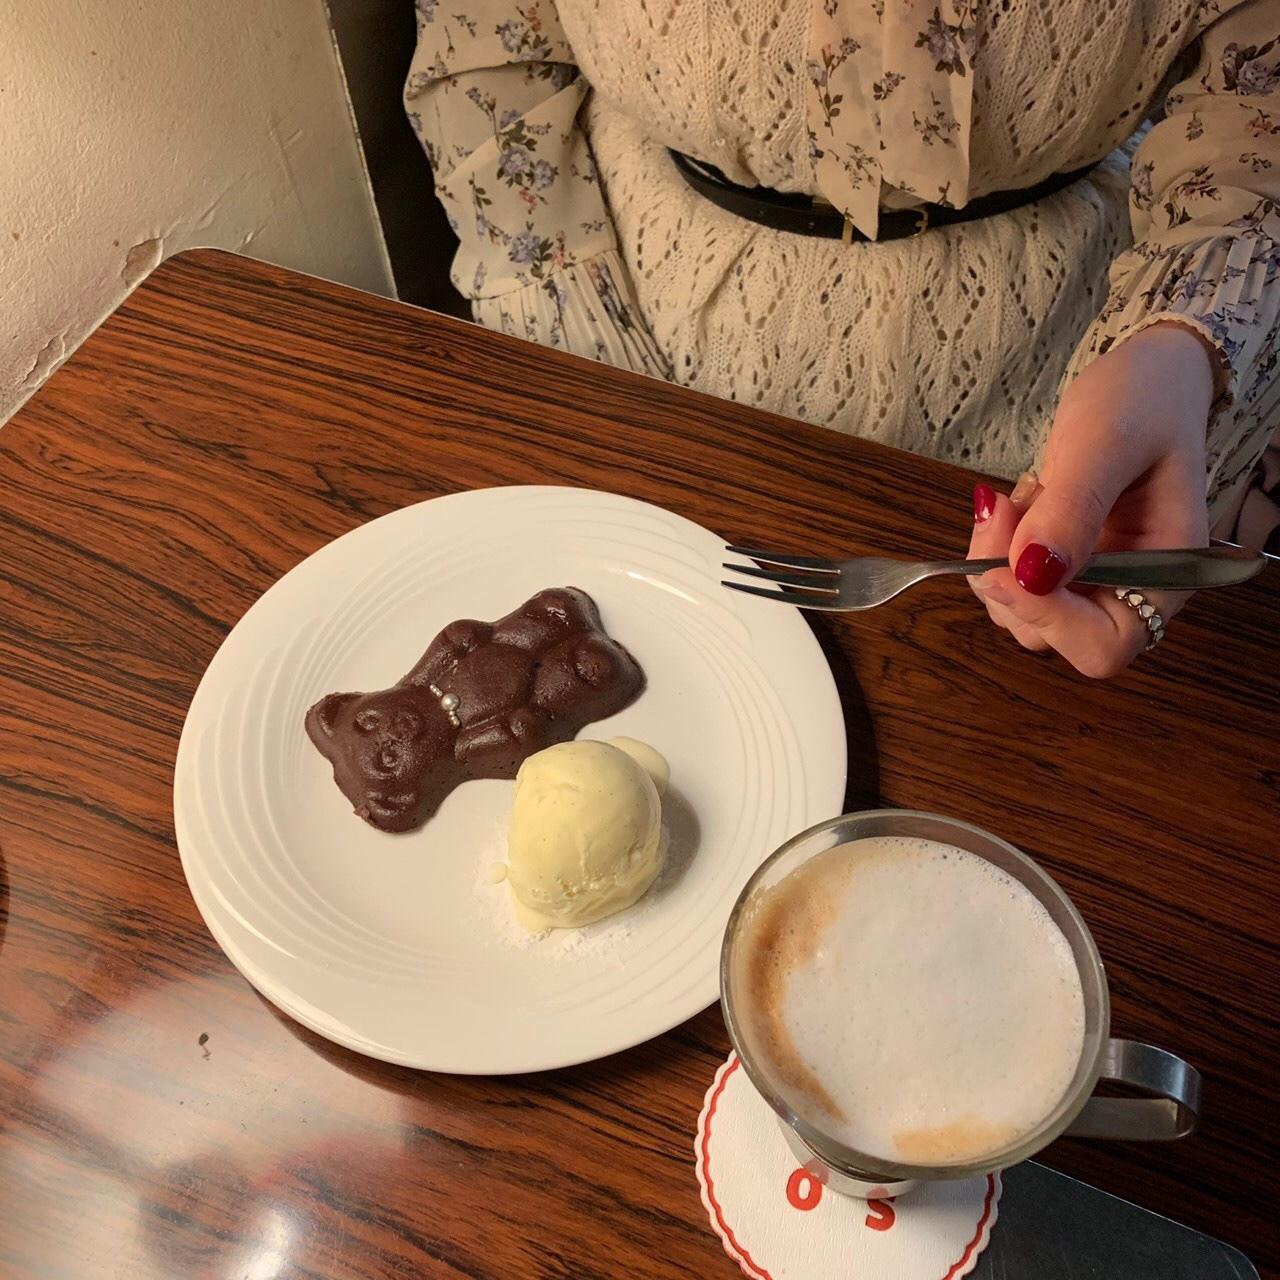 【 関西人が教える!】 東京のおすすめカフェ 3選♡_1_4